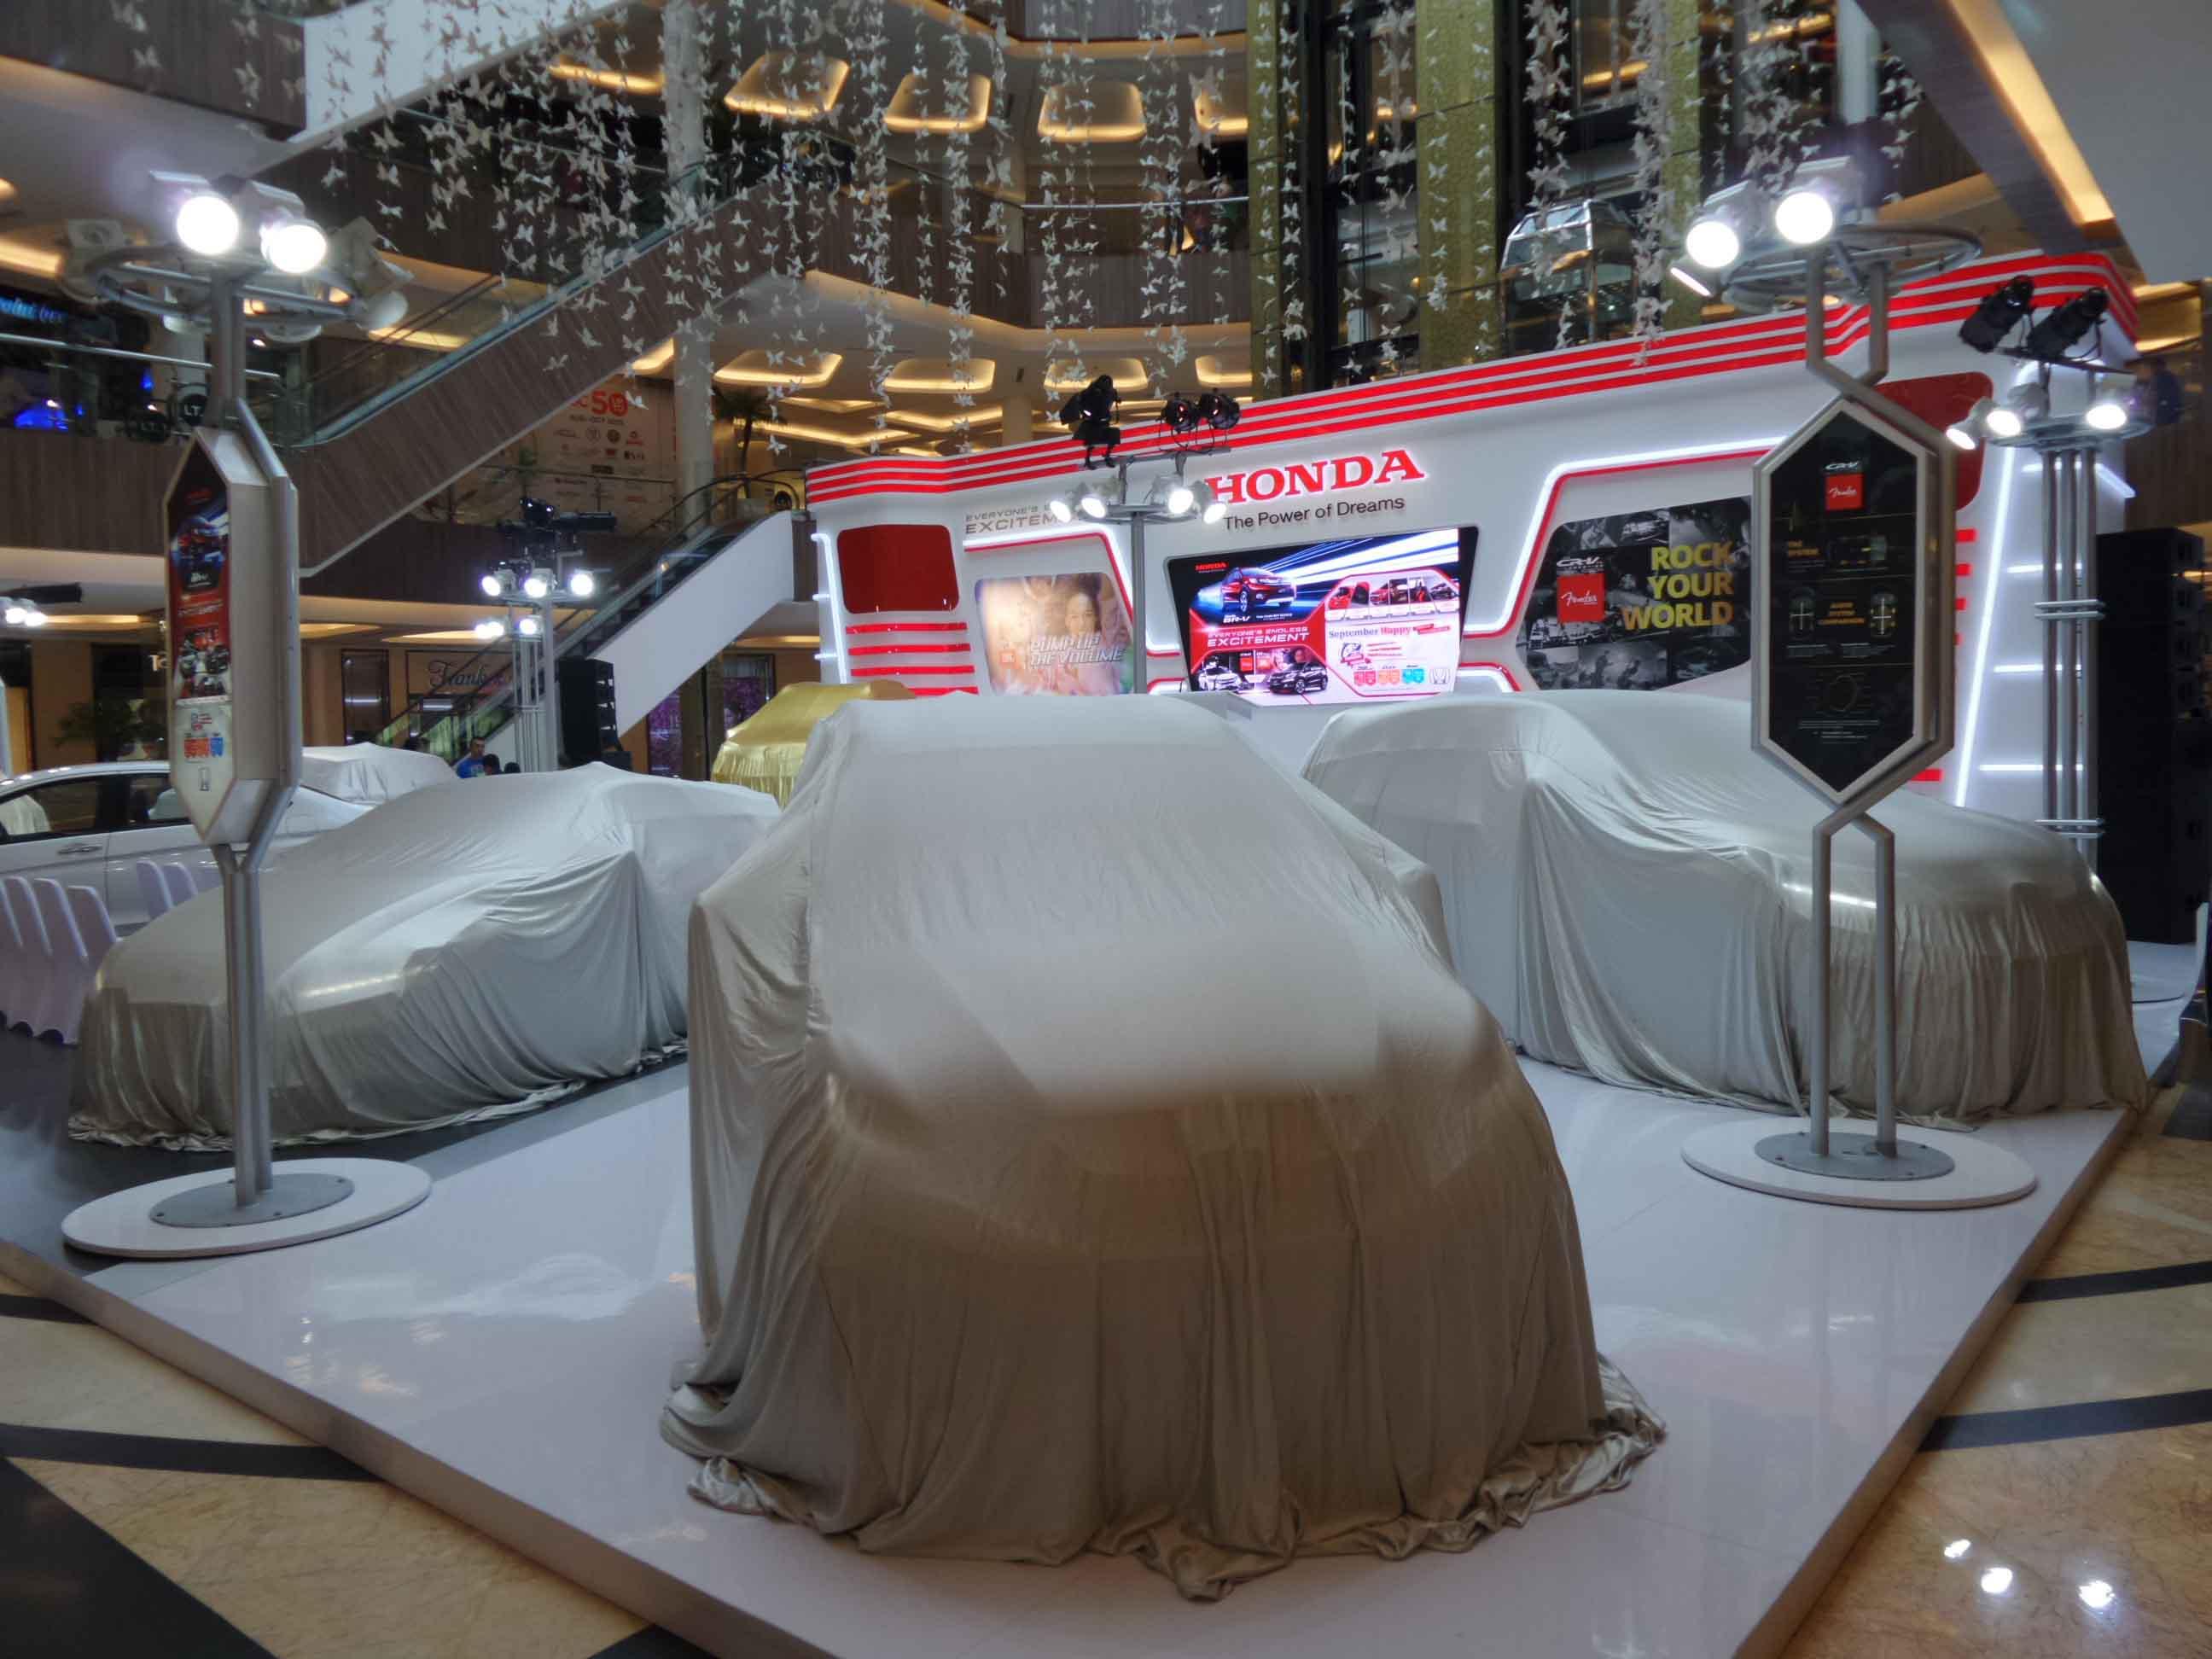 Pameran Honda Bandung 2015 di Trans Studio Mall